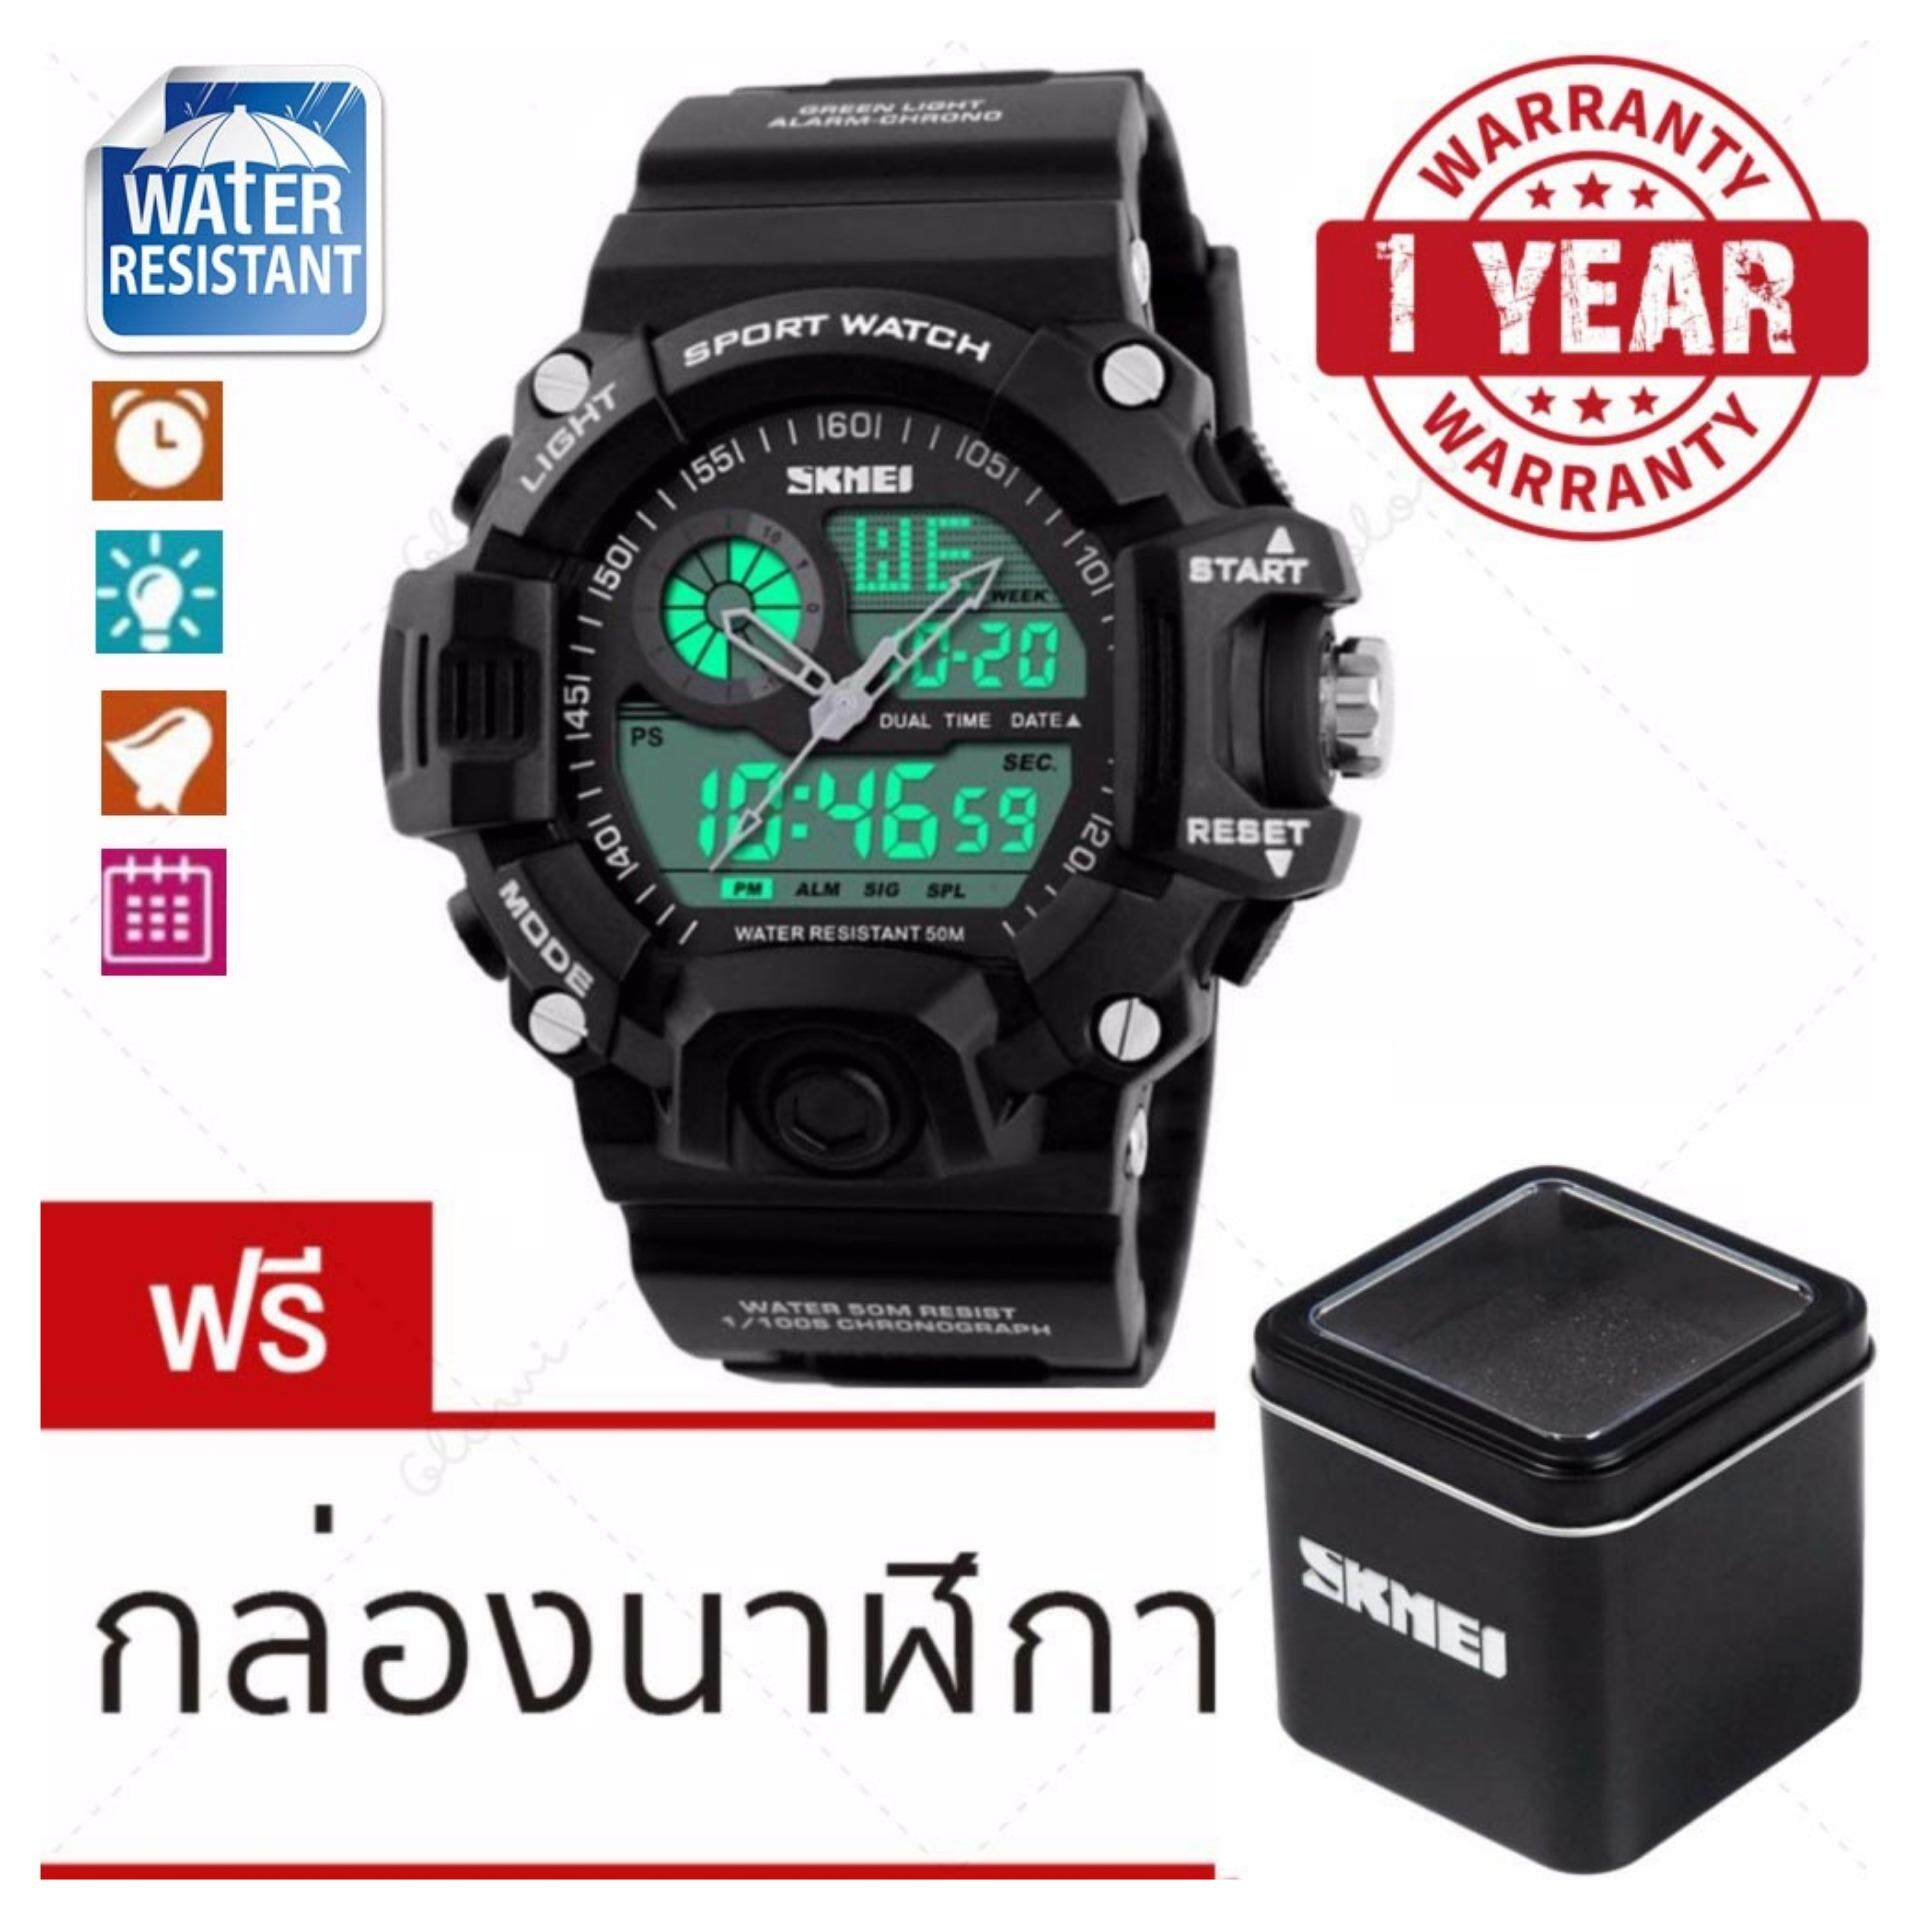 ขาย รับประกัน 1 ปี ของแท้แน่นอน Skmei นาฬิกาข้อมือผู้ชาย สไตล์ Sport Digital Watch ใช้ได้ทั้ง Digital และ Analog บอกวันที่ ตั้งปลุก จับเวลา กันน้ำ สายเรซิ่นสีดำ รุ่น Sk 0009 สีขาว White ราคาถูกที่สุด